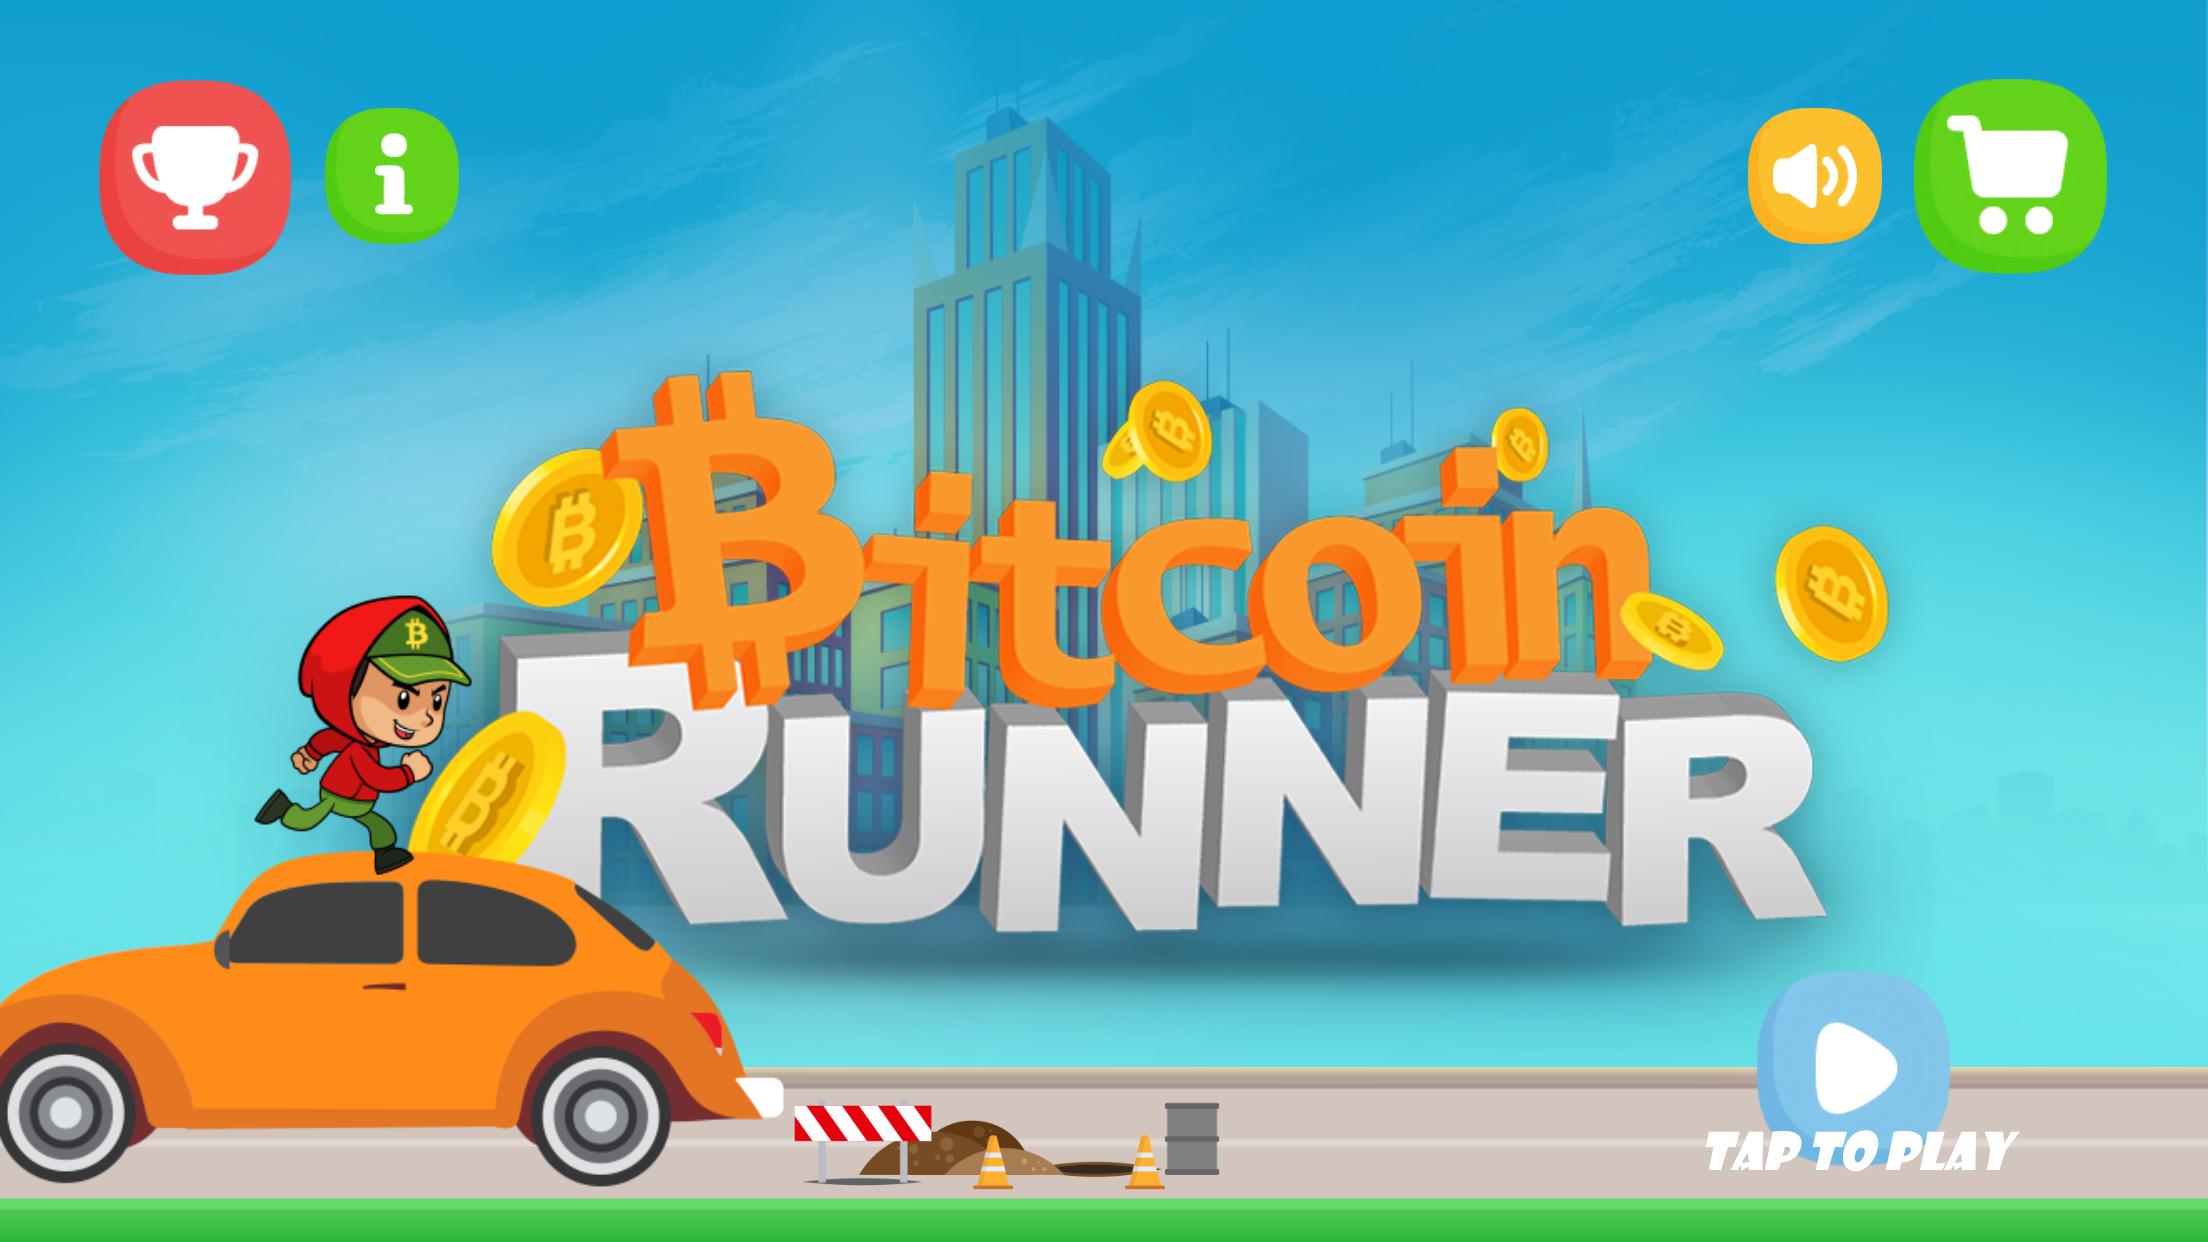 Bitcoin Runner